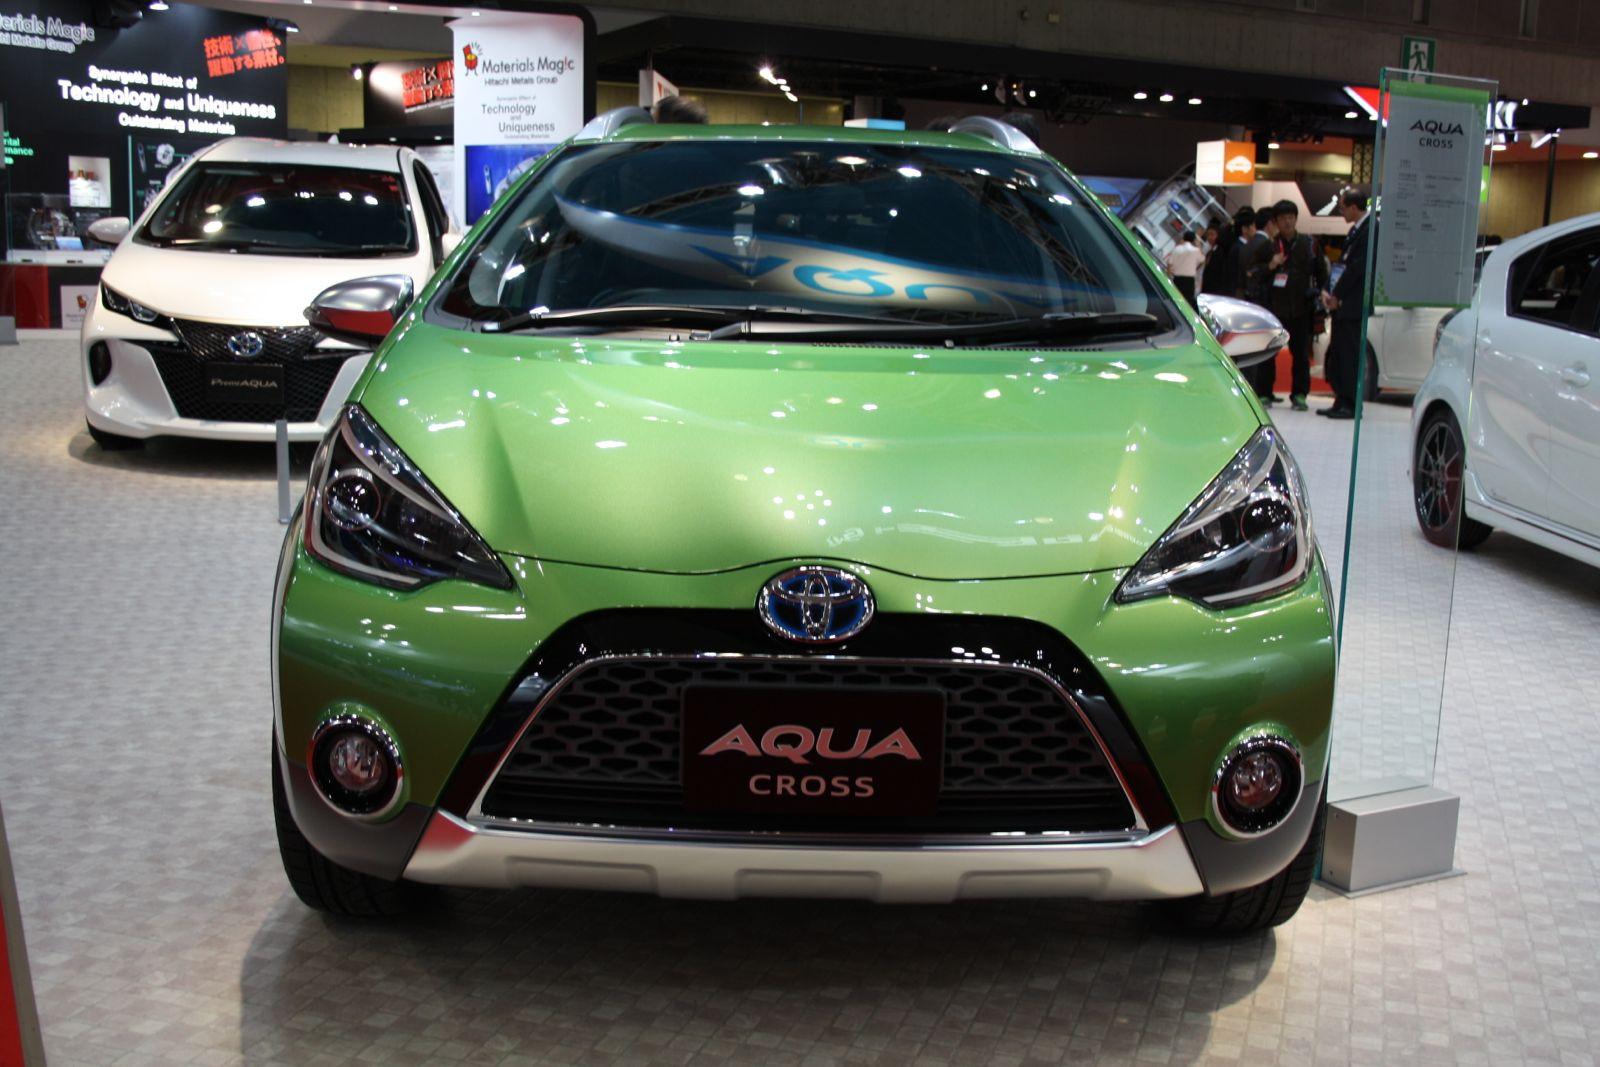 Официально представлен улучшенный хэтчбек Тойота Aqua